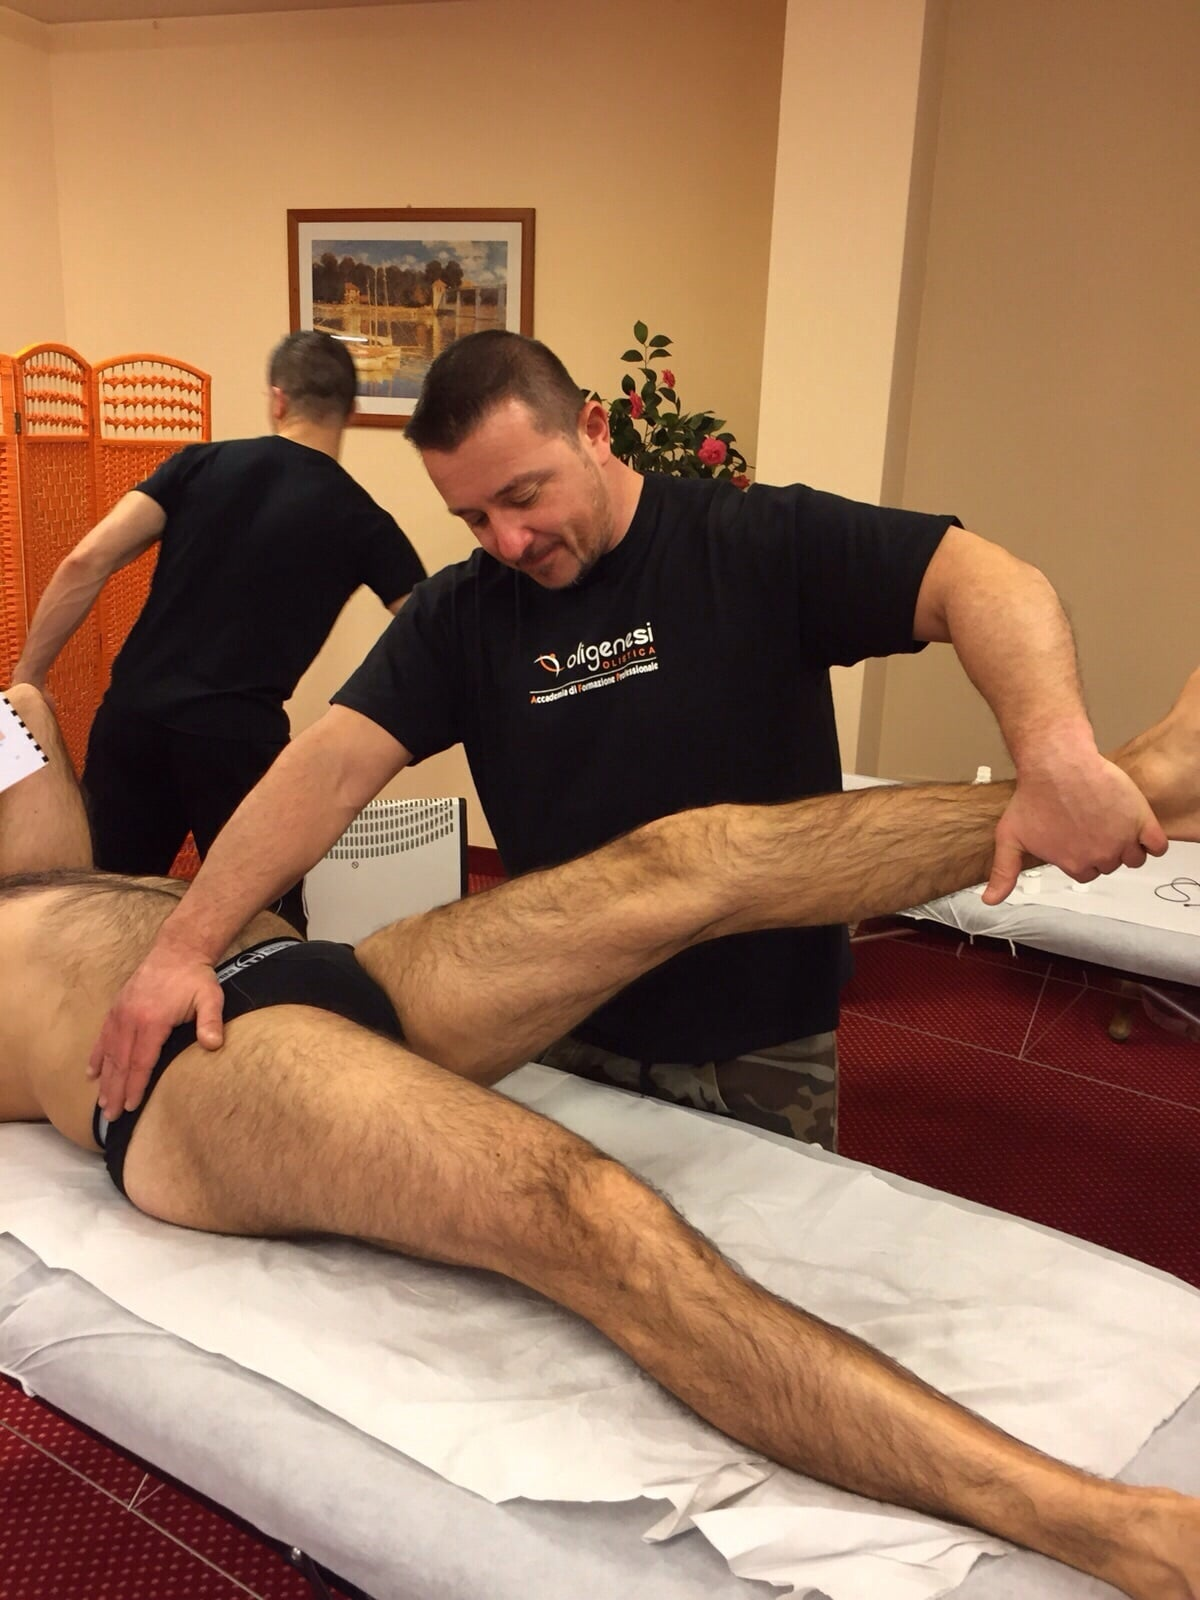 Studio Massaggio Shiro Su Lettino Con Materasso Ad Acqua Calda.I Migliori 31 Corsi Di Massaggio A Mantova Con Preventivi Gratuiti